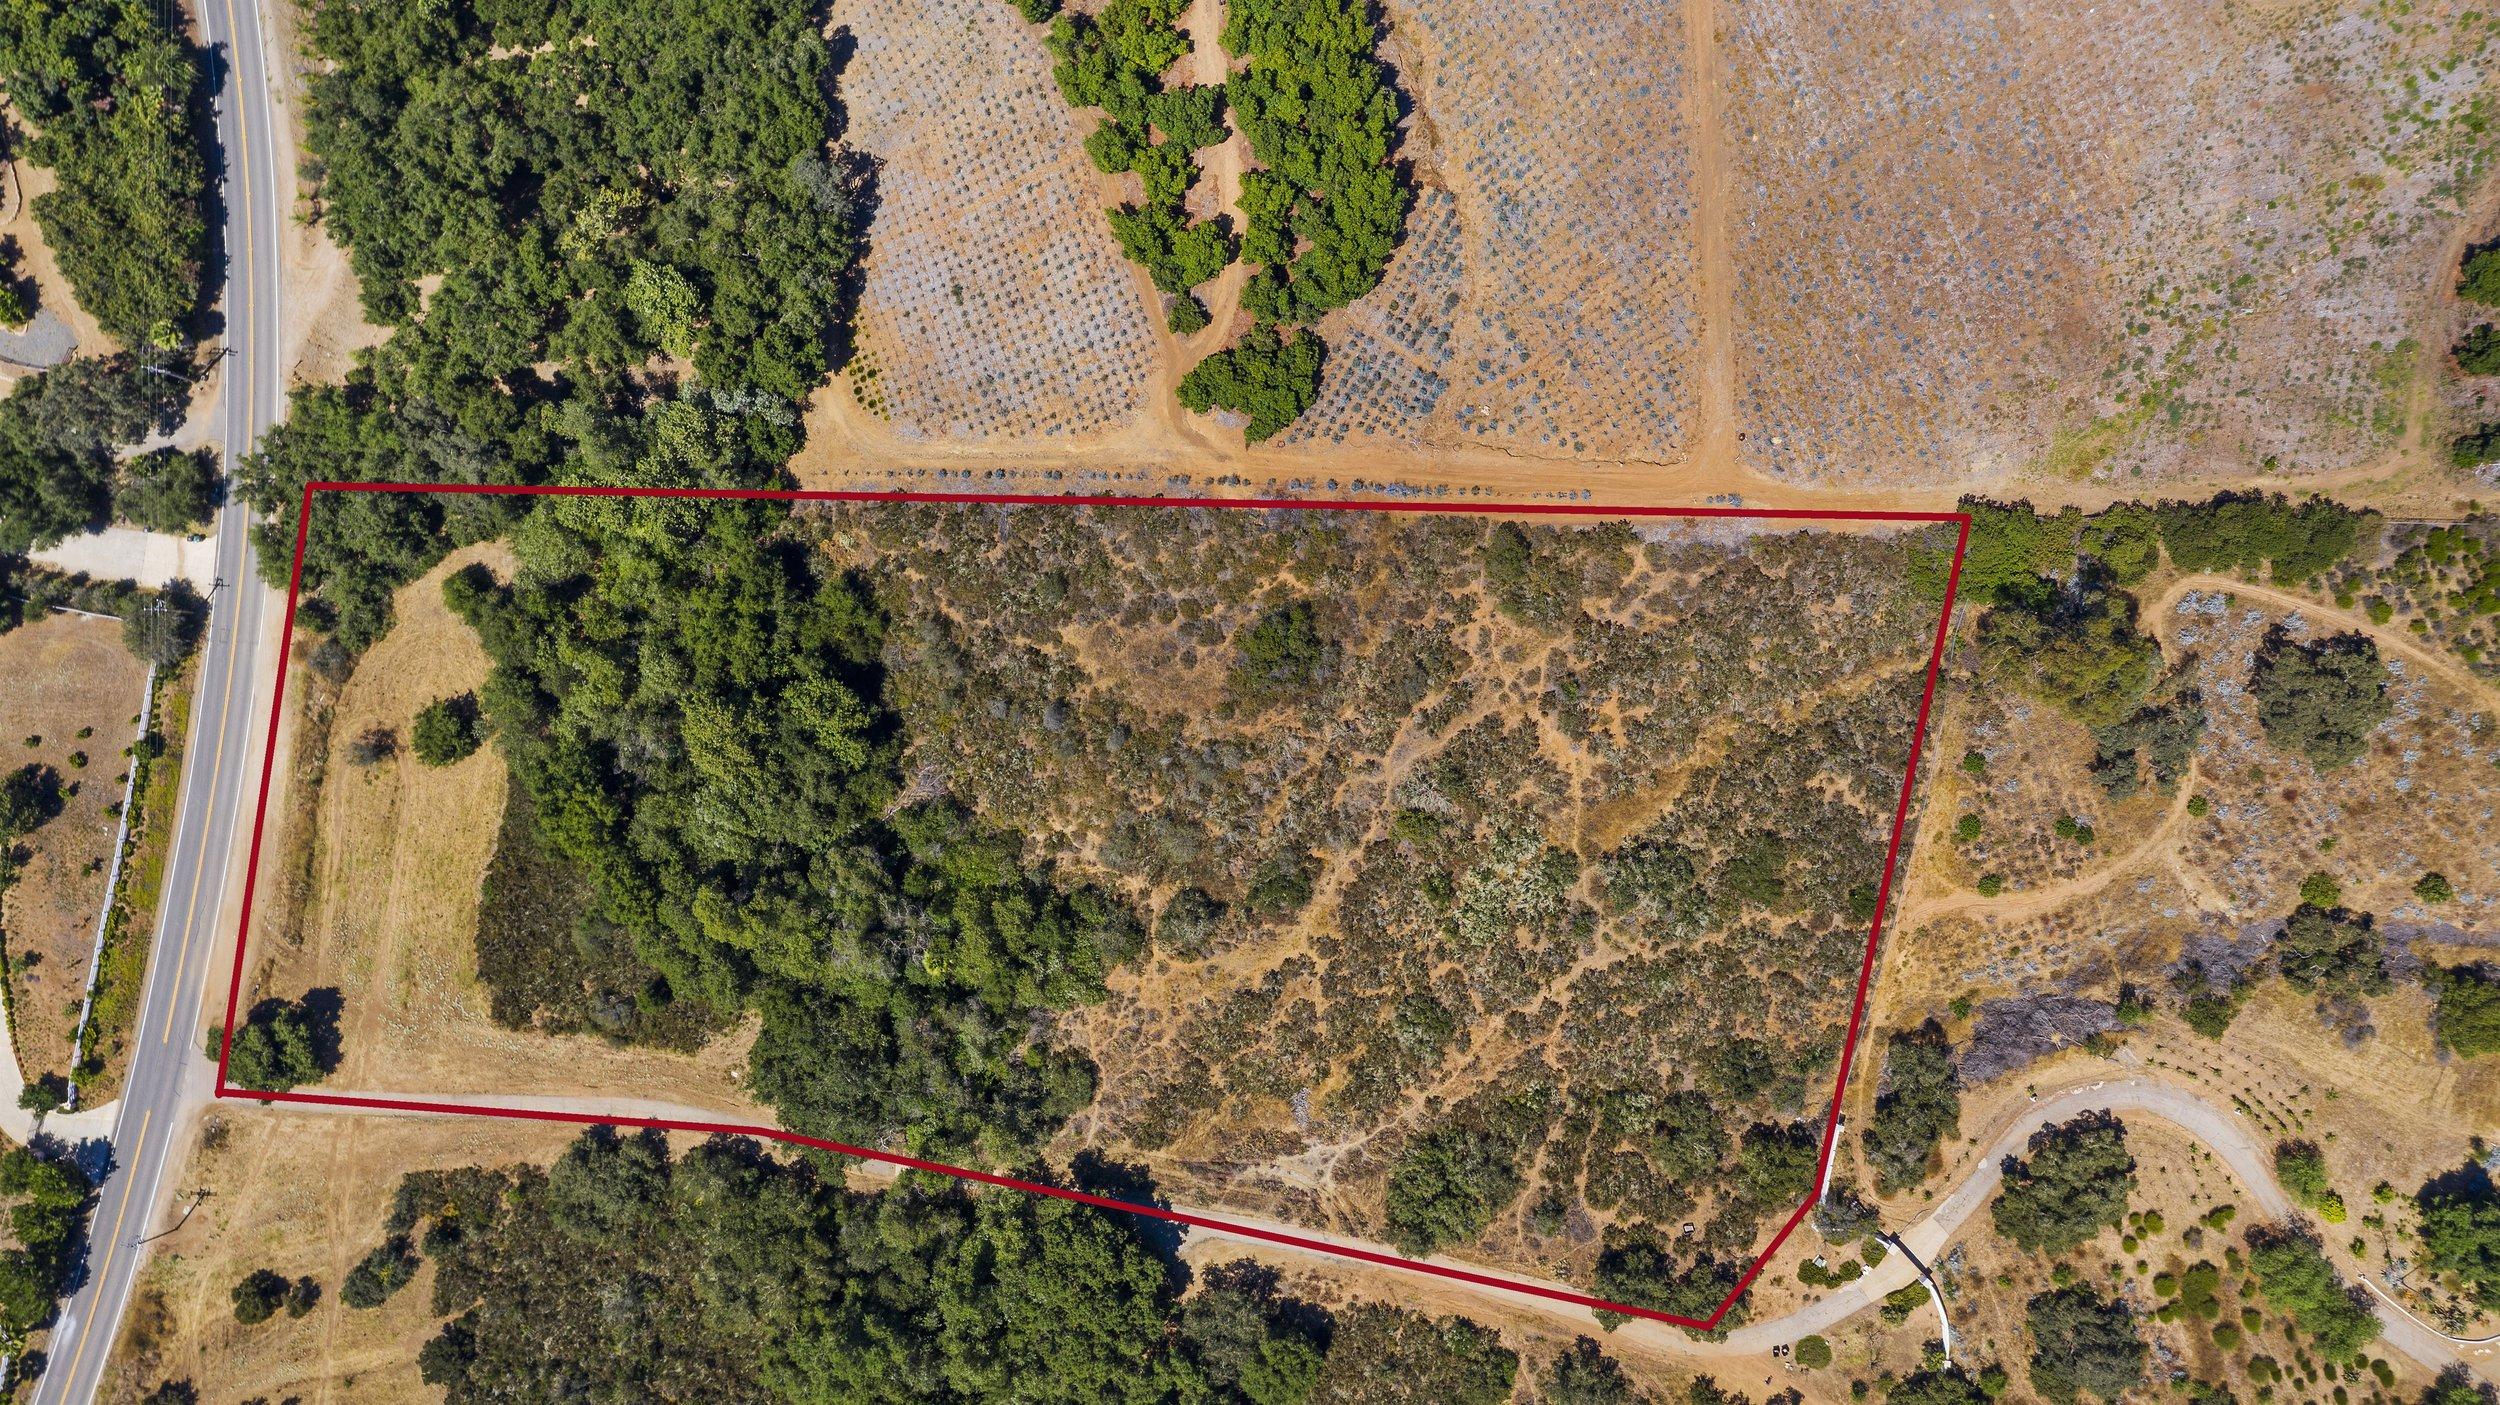 004_Aerial Top View.jpg